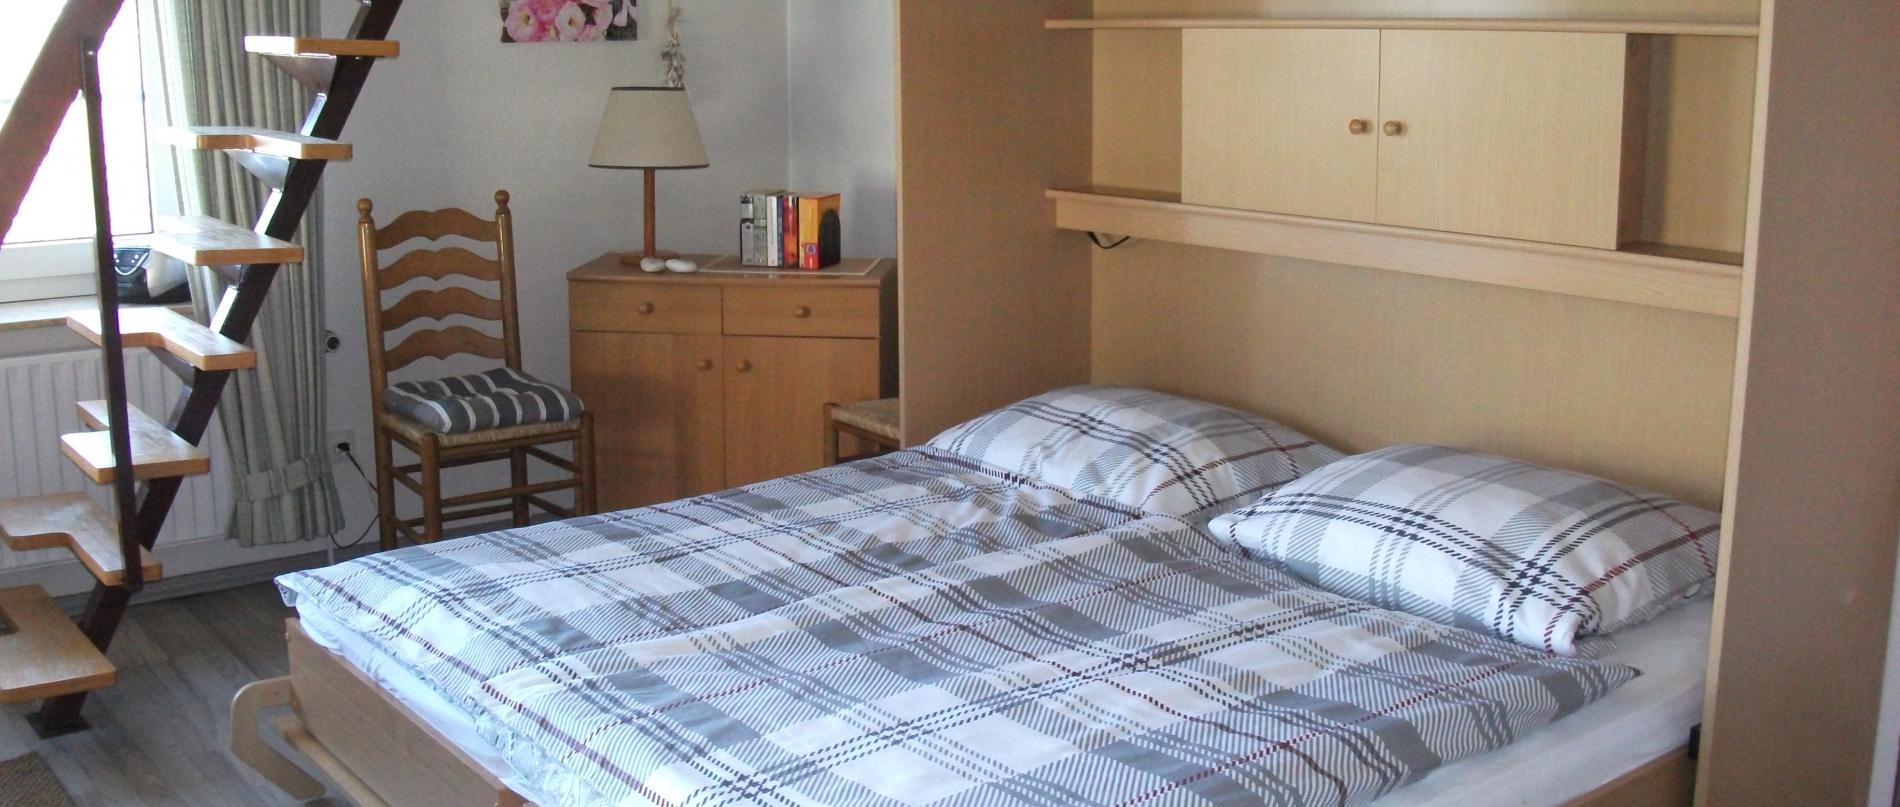 FeWo-Seestern-Schlafbereich-1-e1472556388305